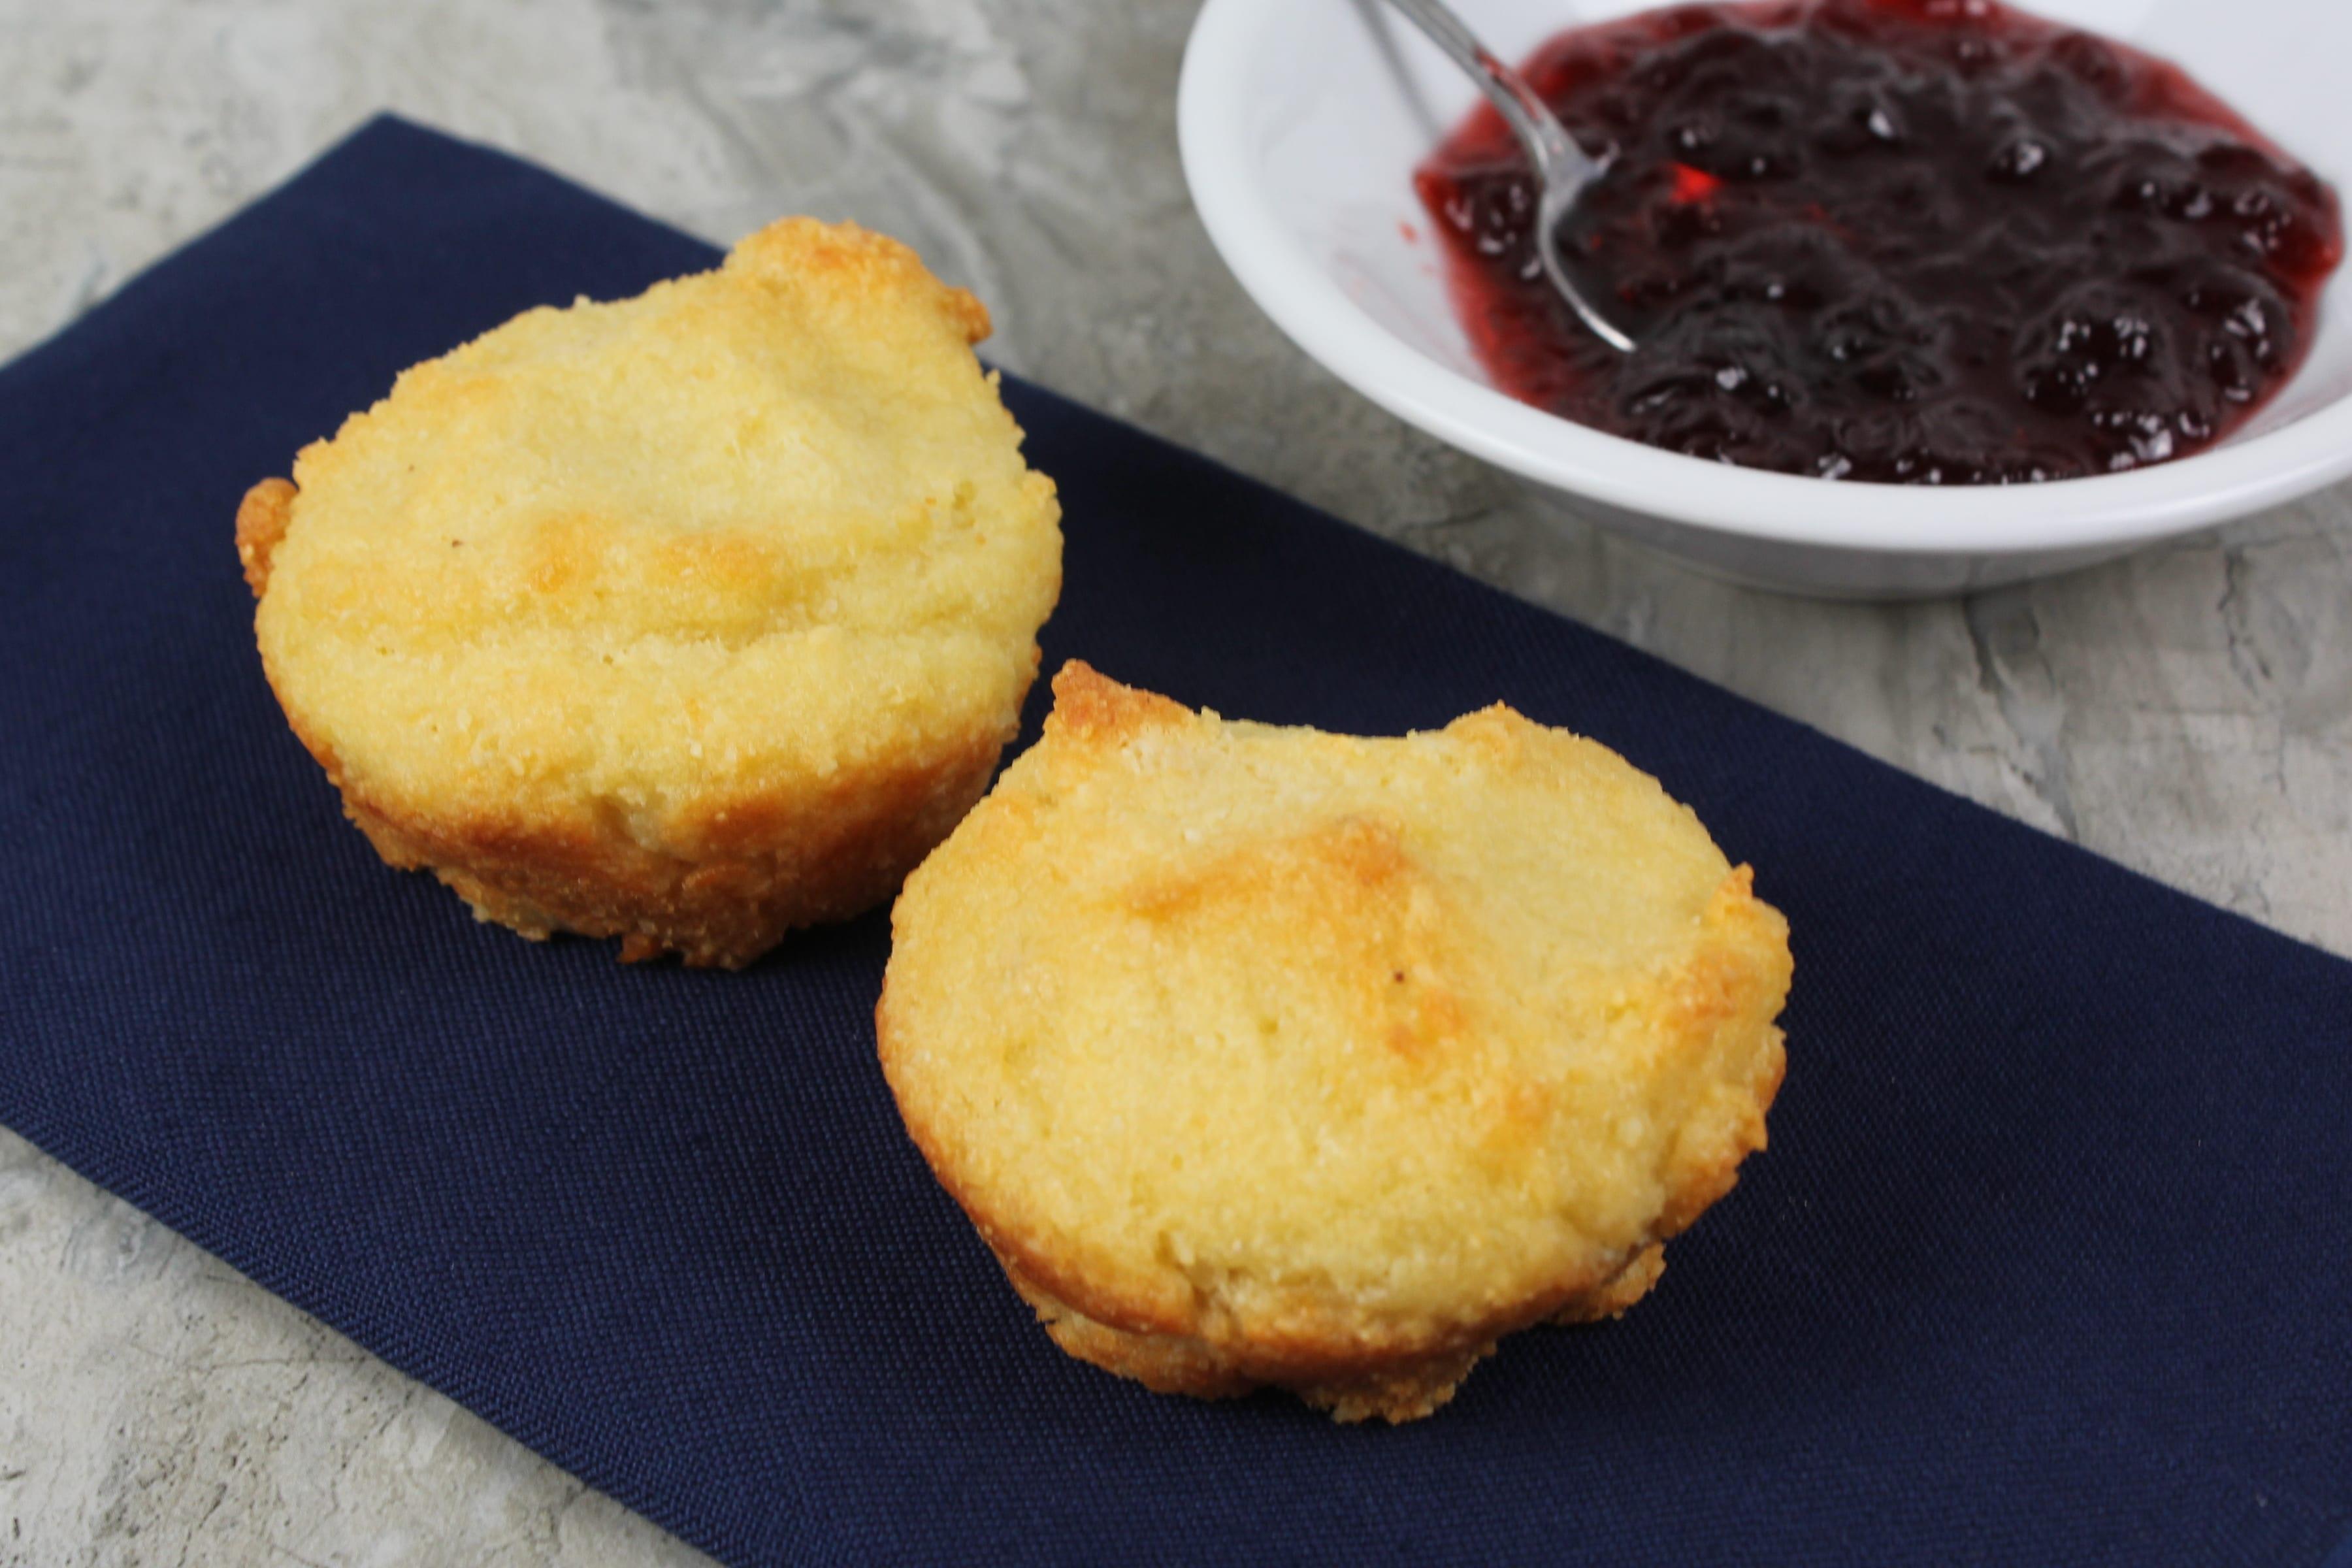 Low carb recipe baking scones